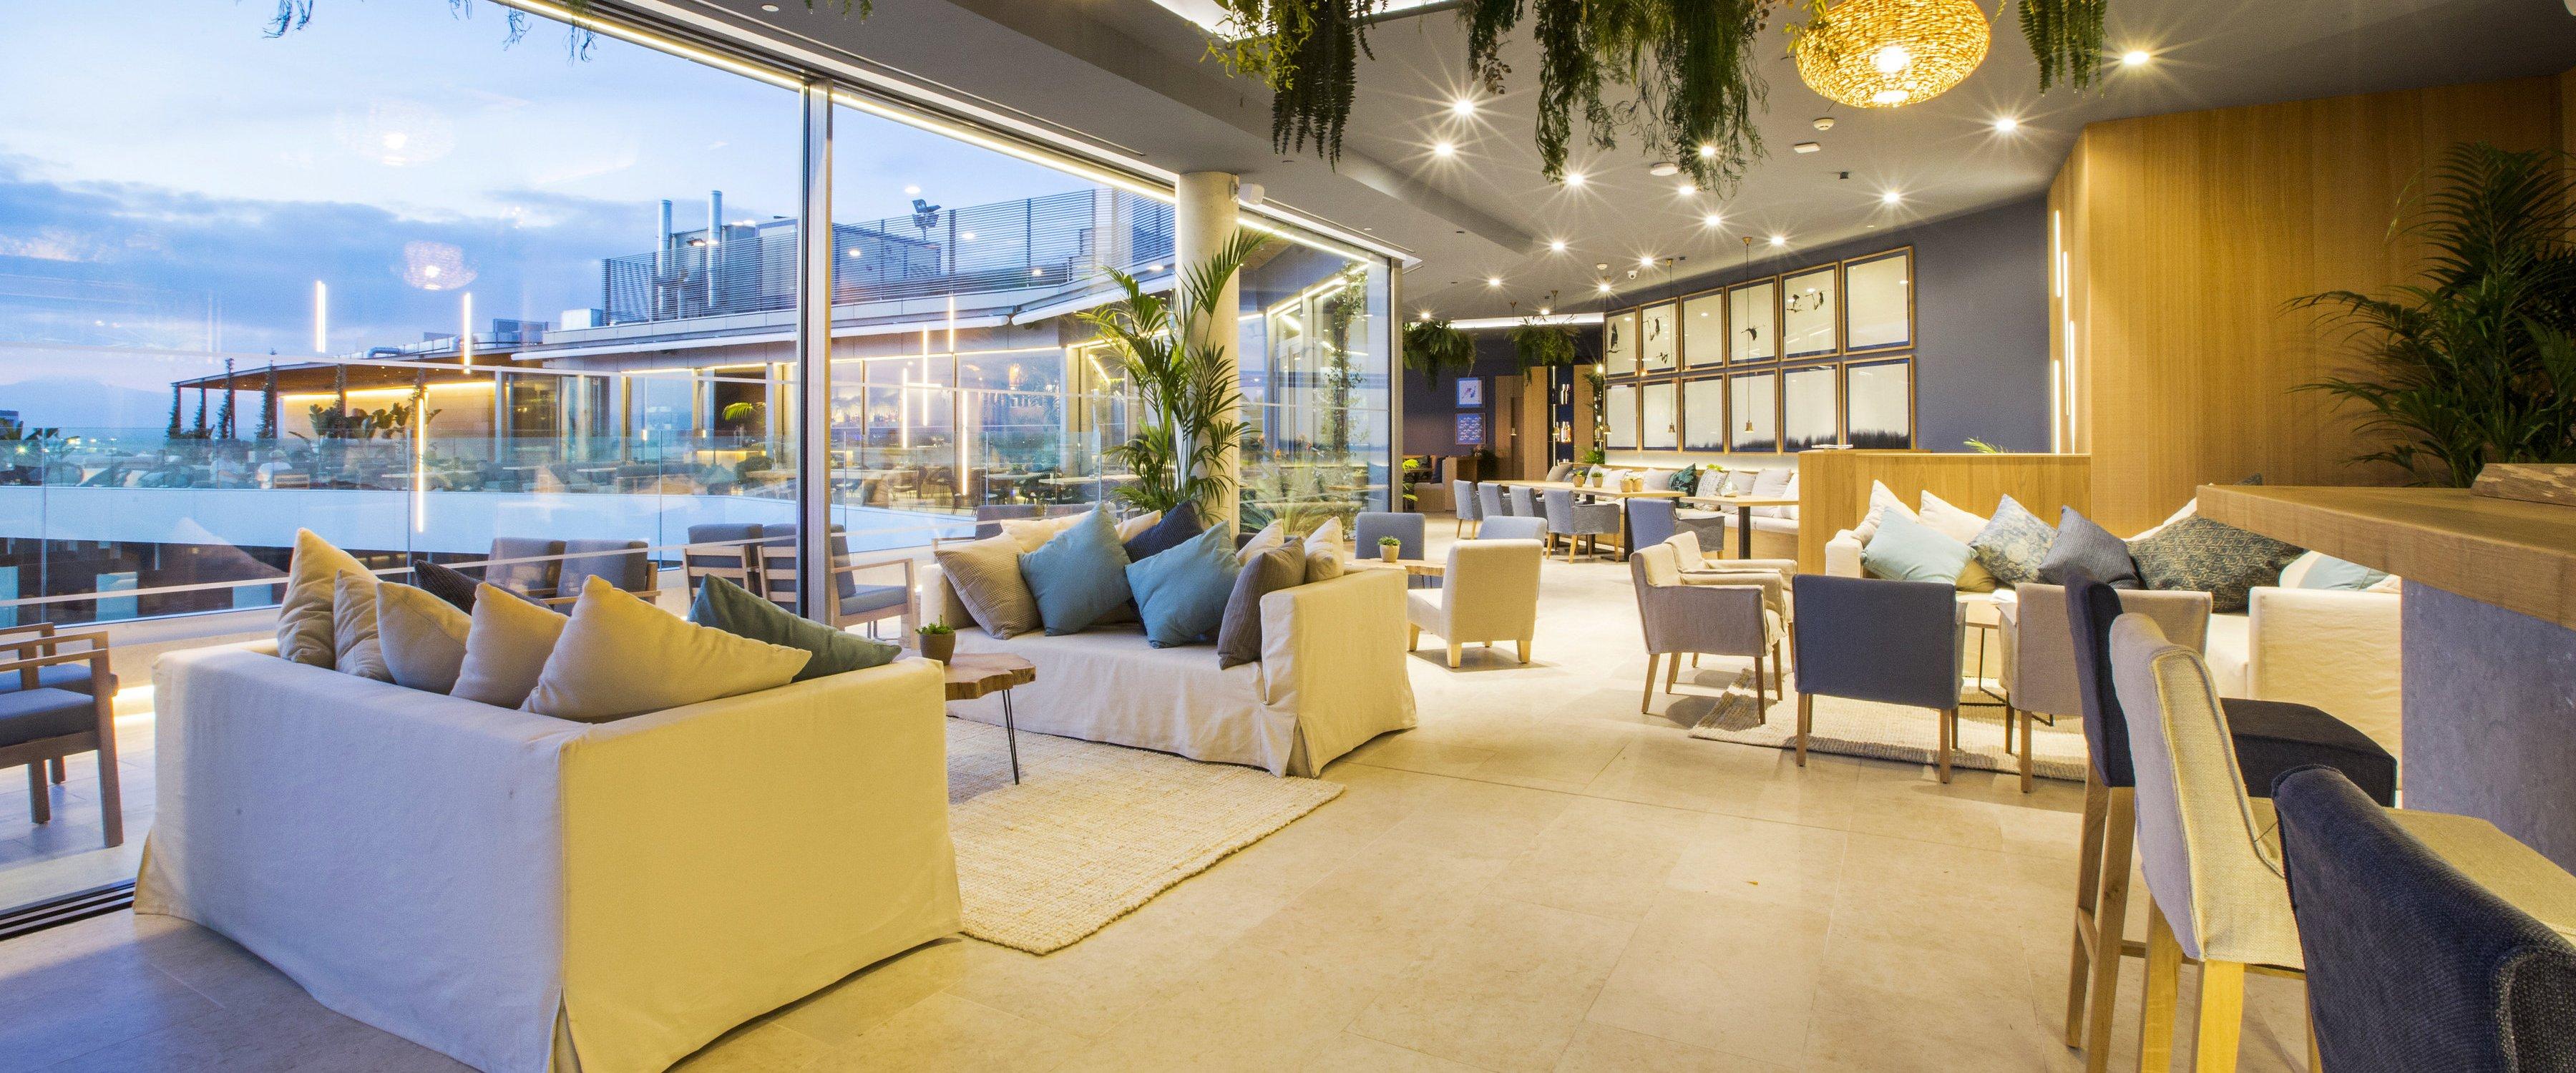 Mallorca Sunset Restaurant